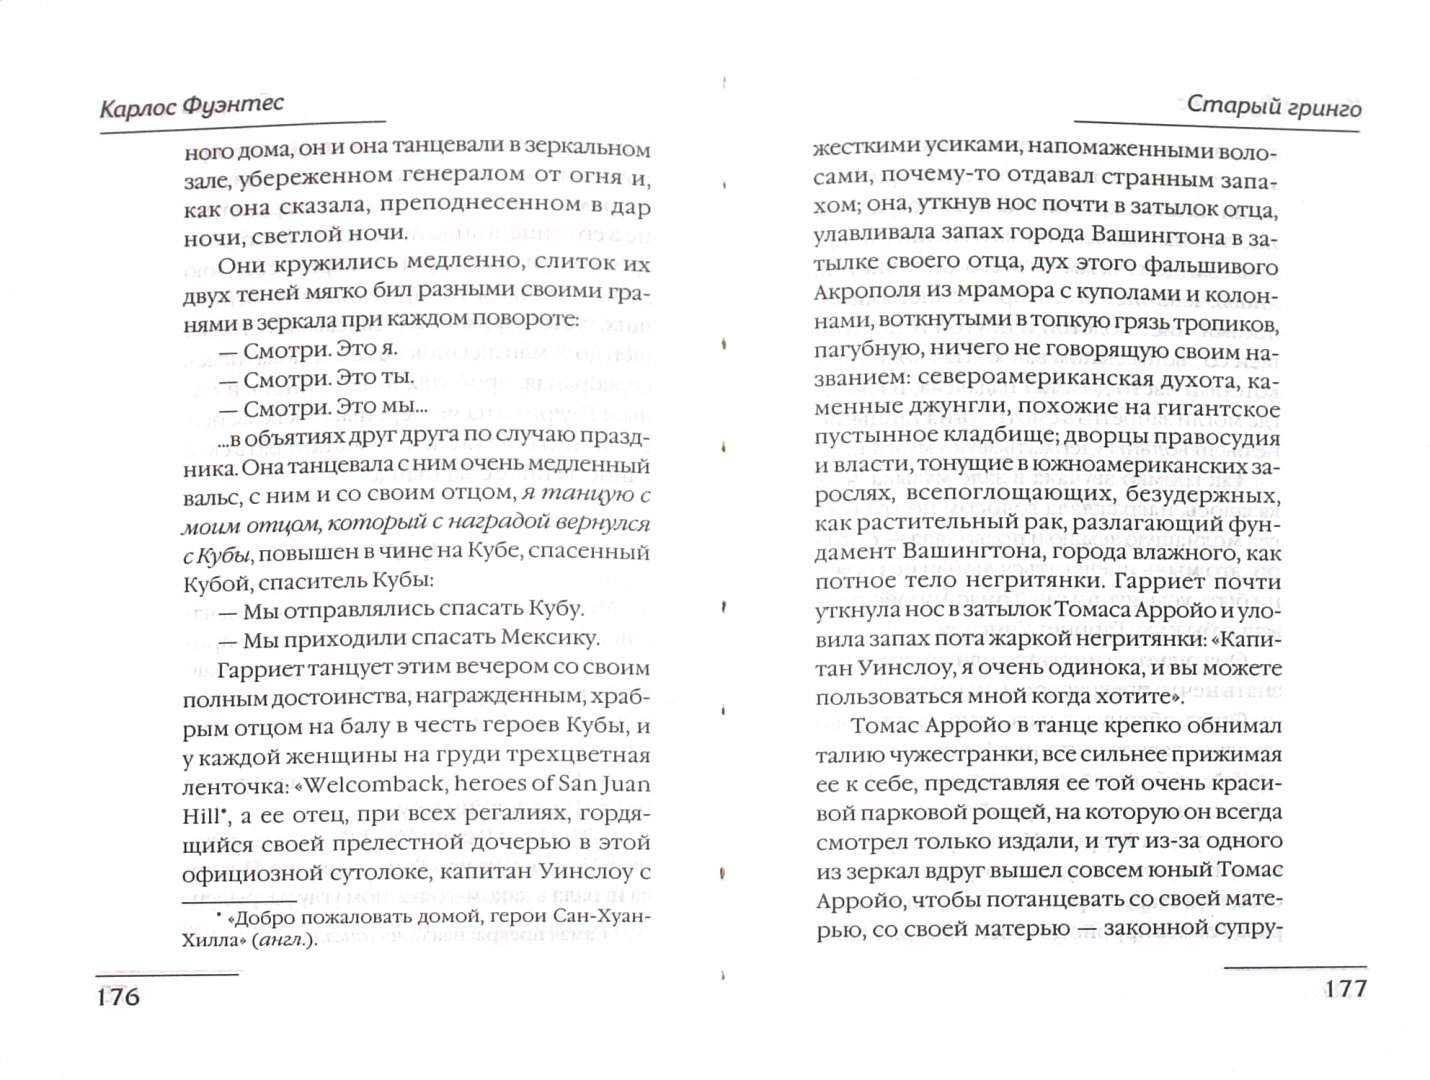 Иллюстрация 1 из 24 для Старый гринго - Карлос Фуэнтес | Лабиринт - книги. Источник: Лабиринт